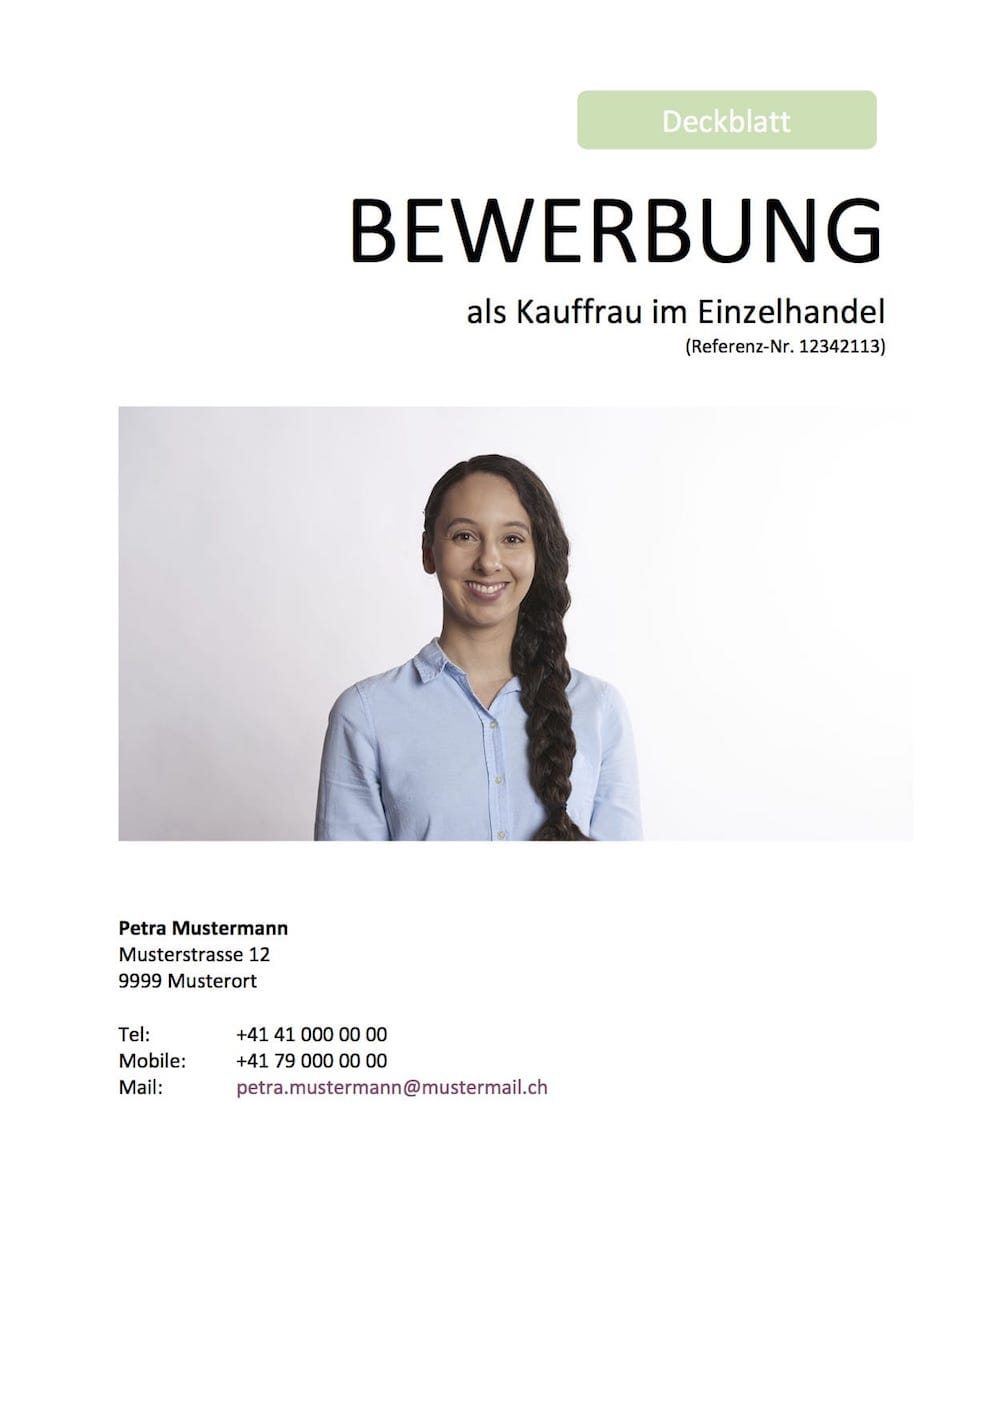 deckblatt titelblatt bewerbung vorlage - Bewerbung Deckblatt Erstellen